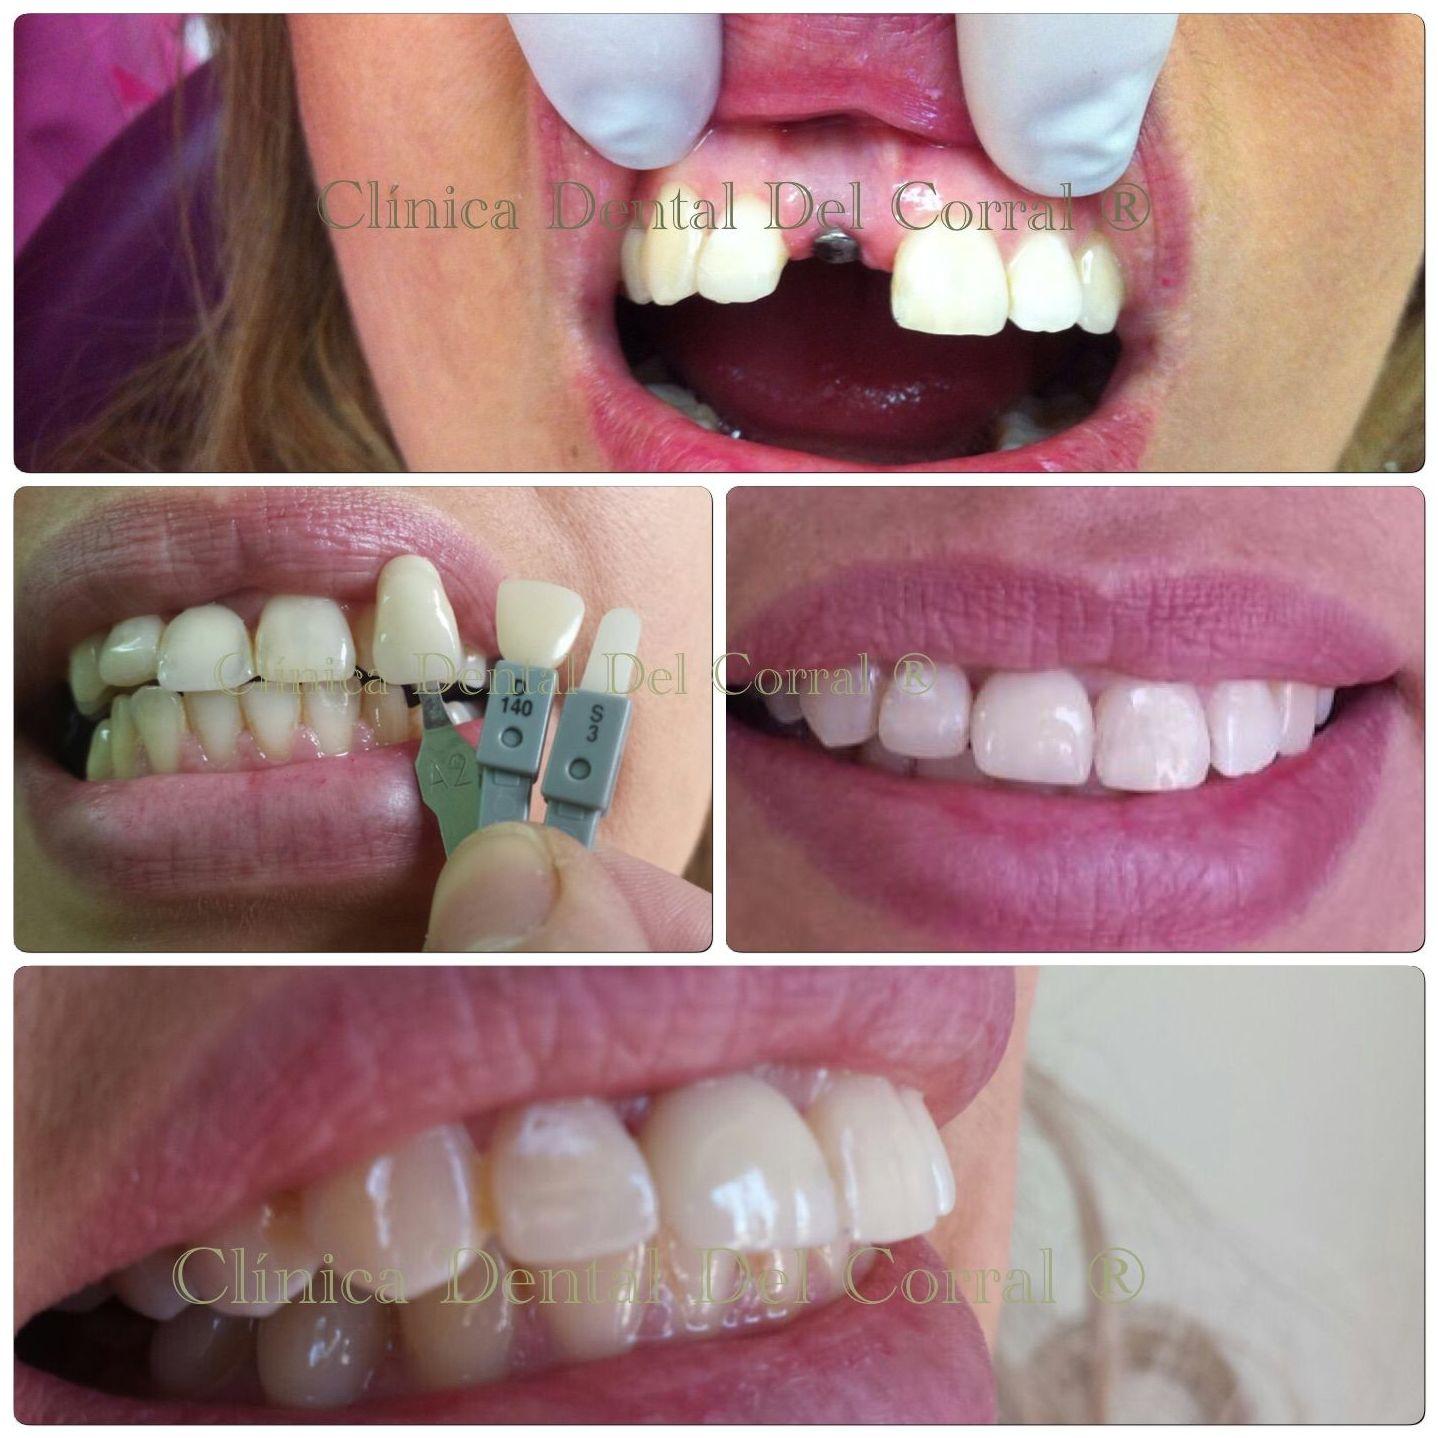 clínica dental hortaleza,dentista hortaleza,clinica dentales hortaleza, dentistas hortaleza